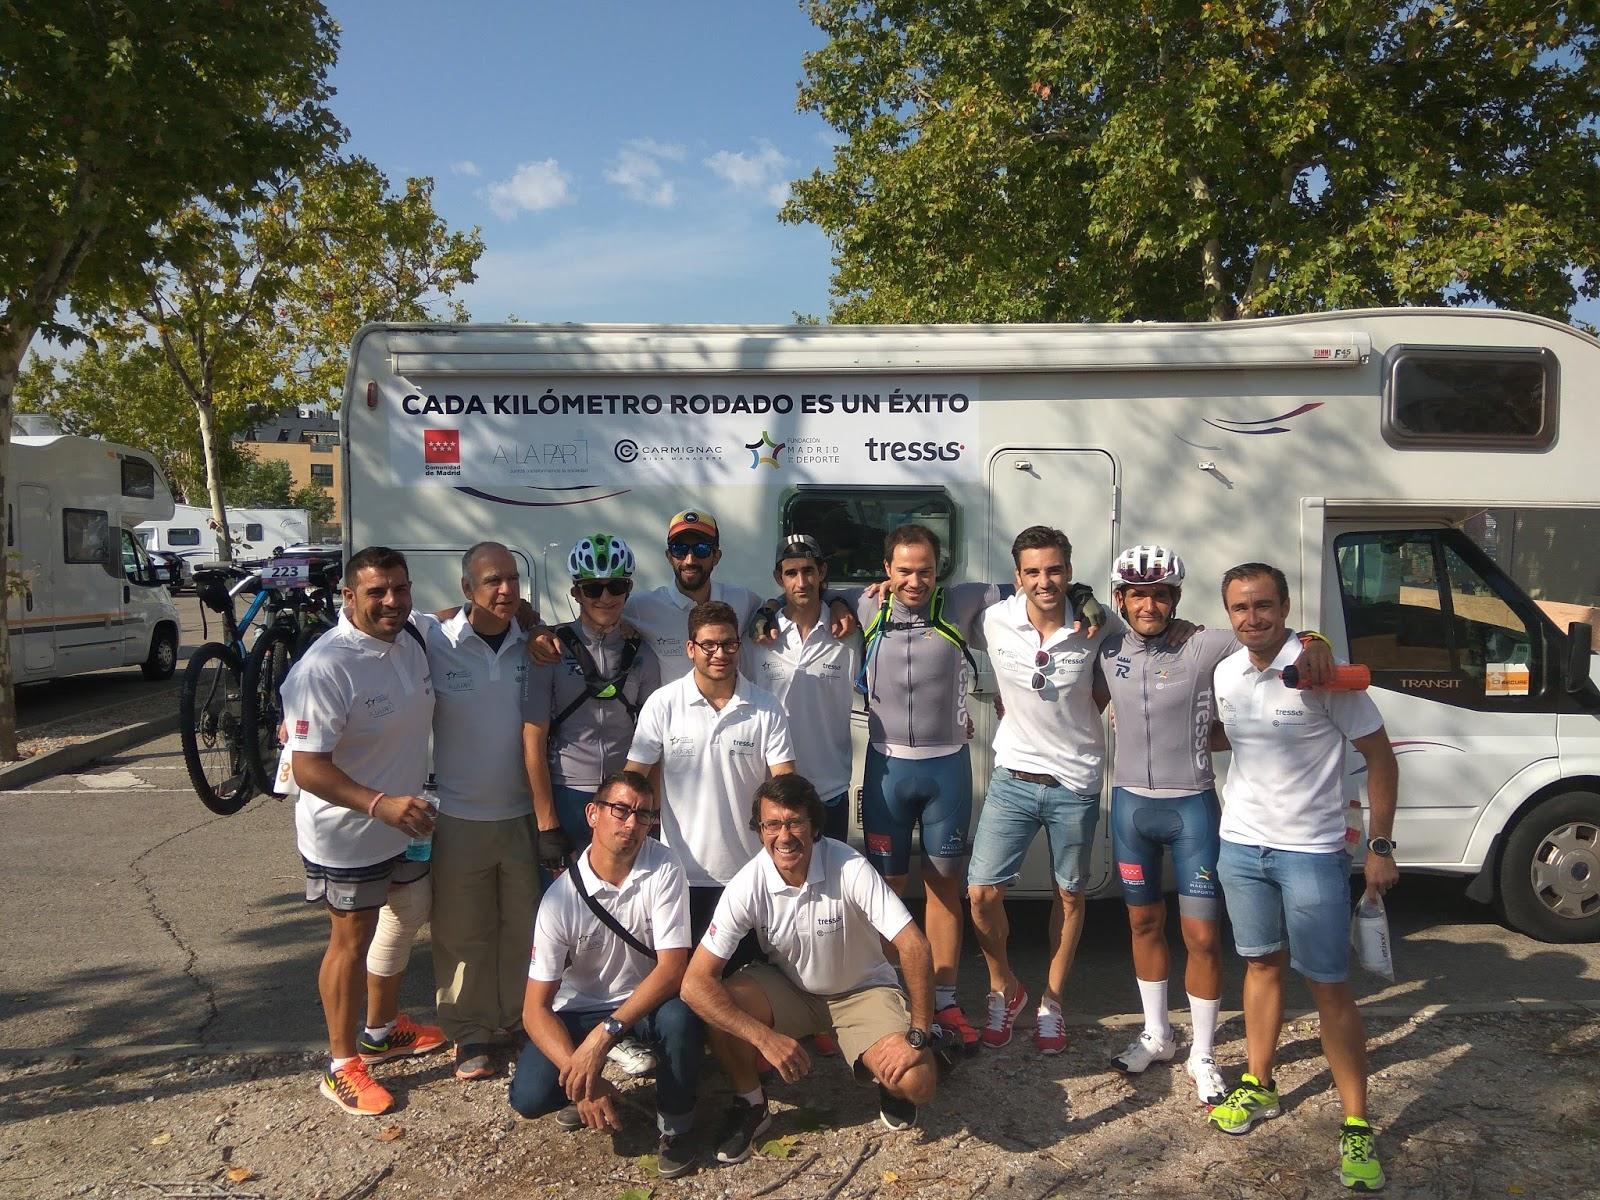 Club deportivo a la par njr proyecto cruzando - Proyecto club deportivo ...